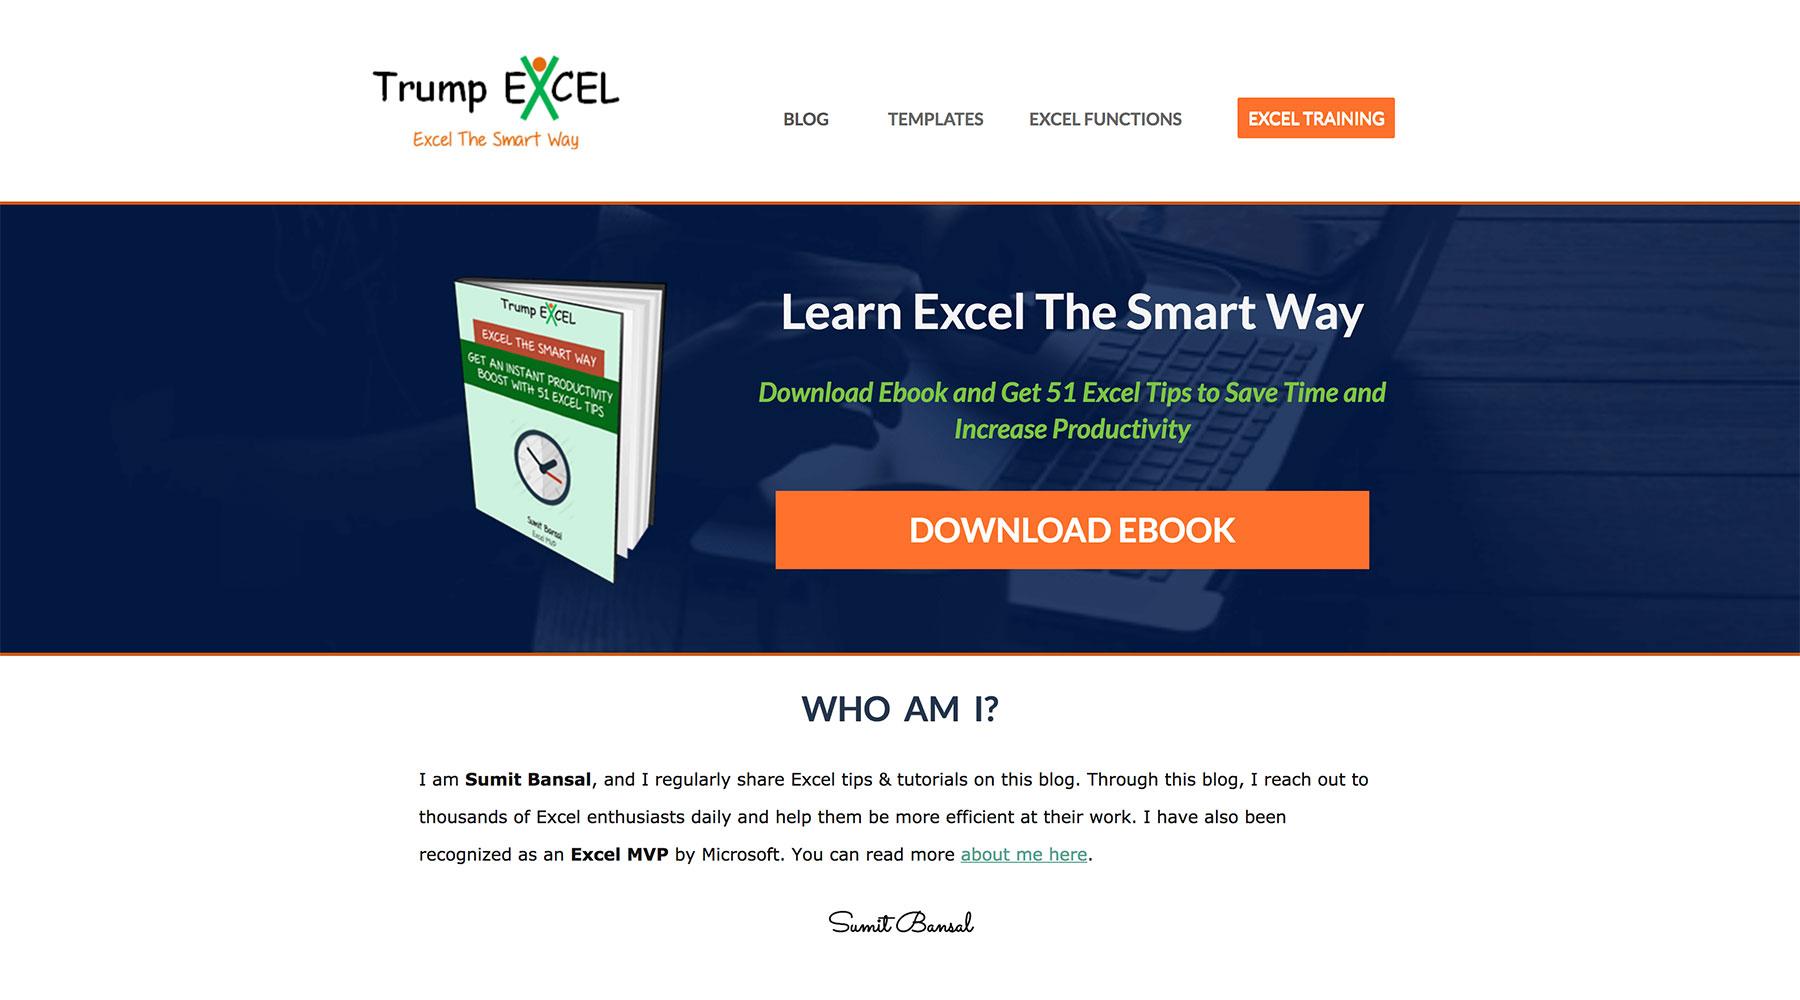 Trump Excel website